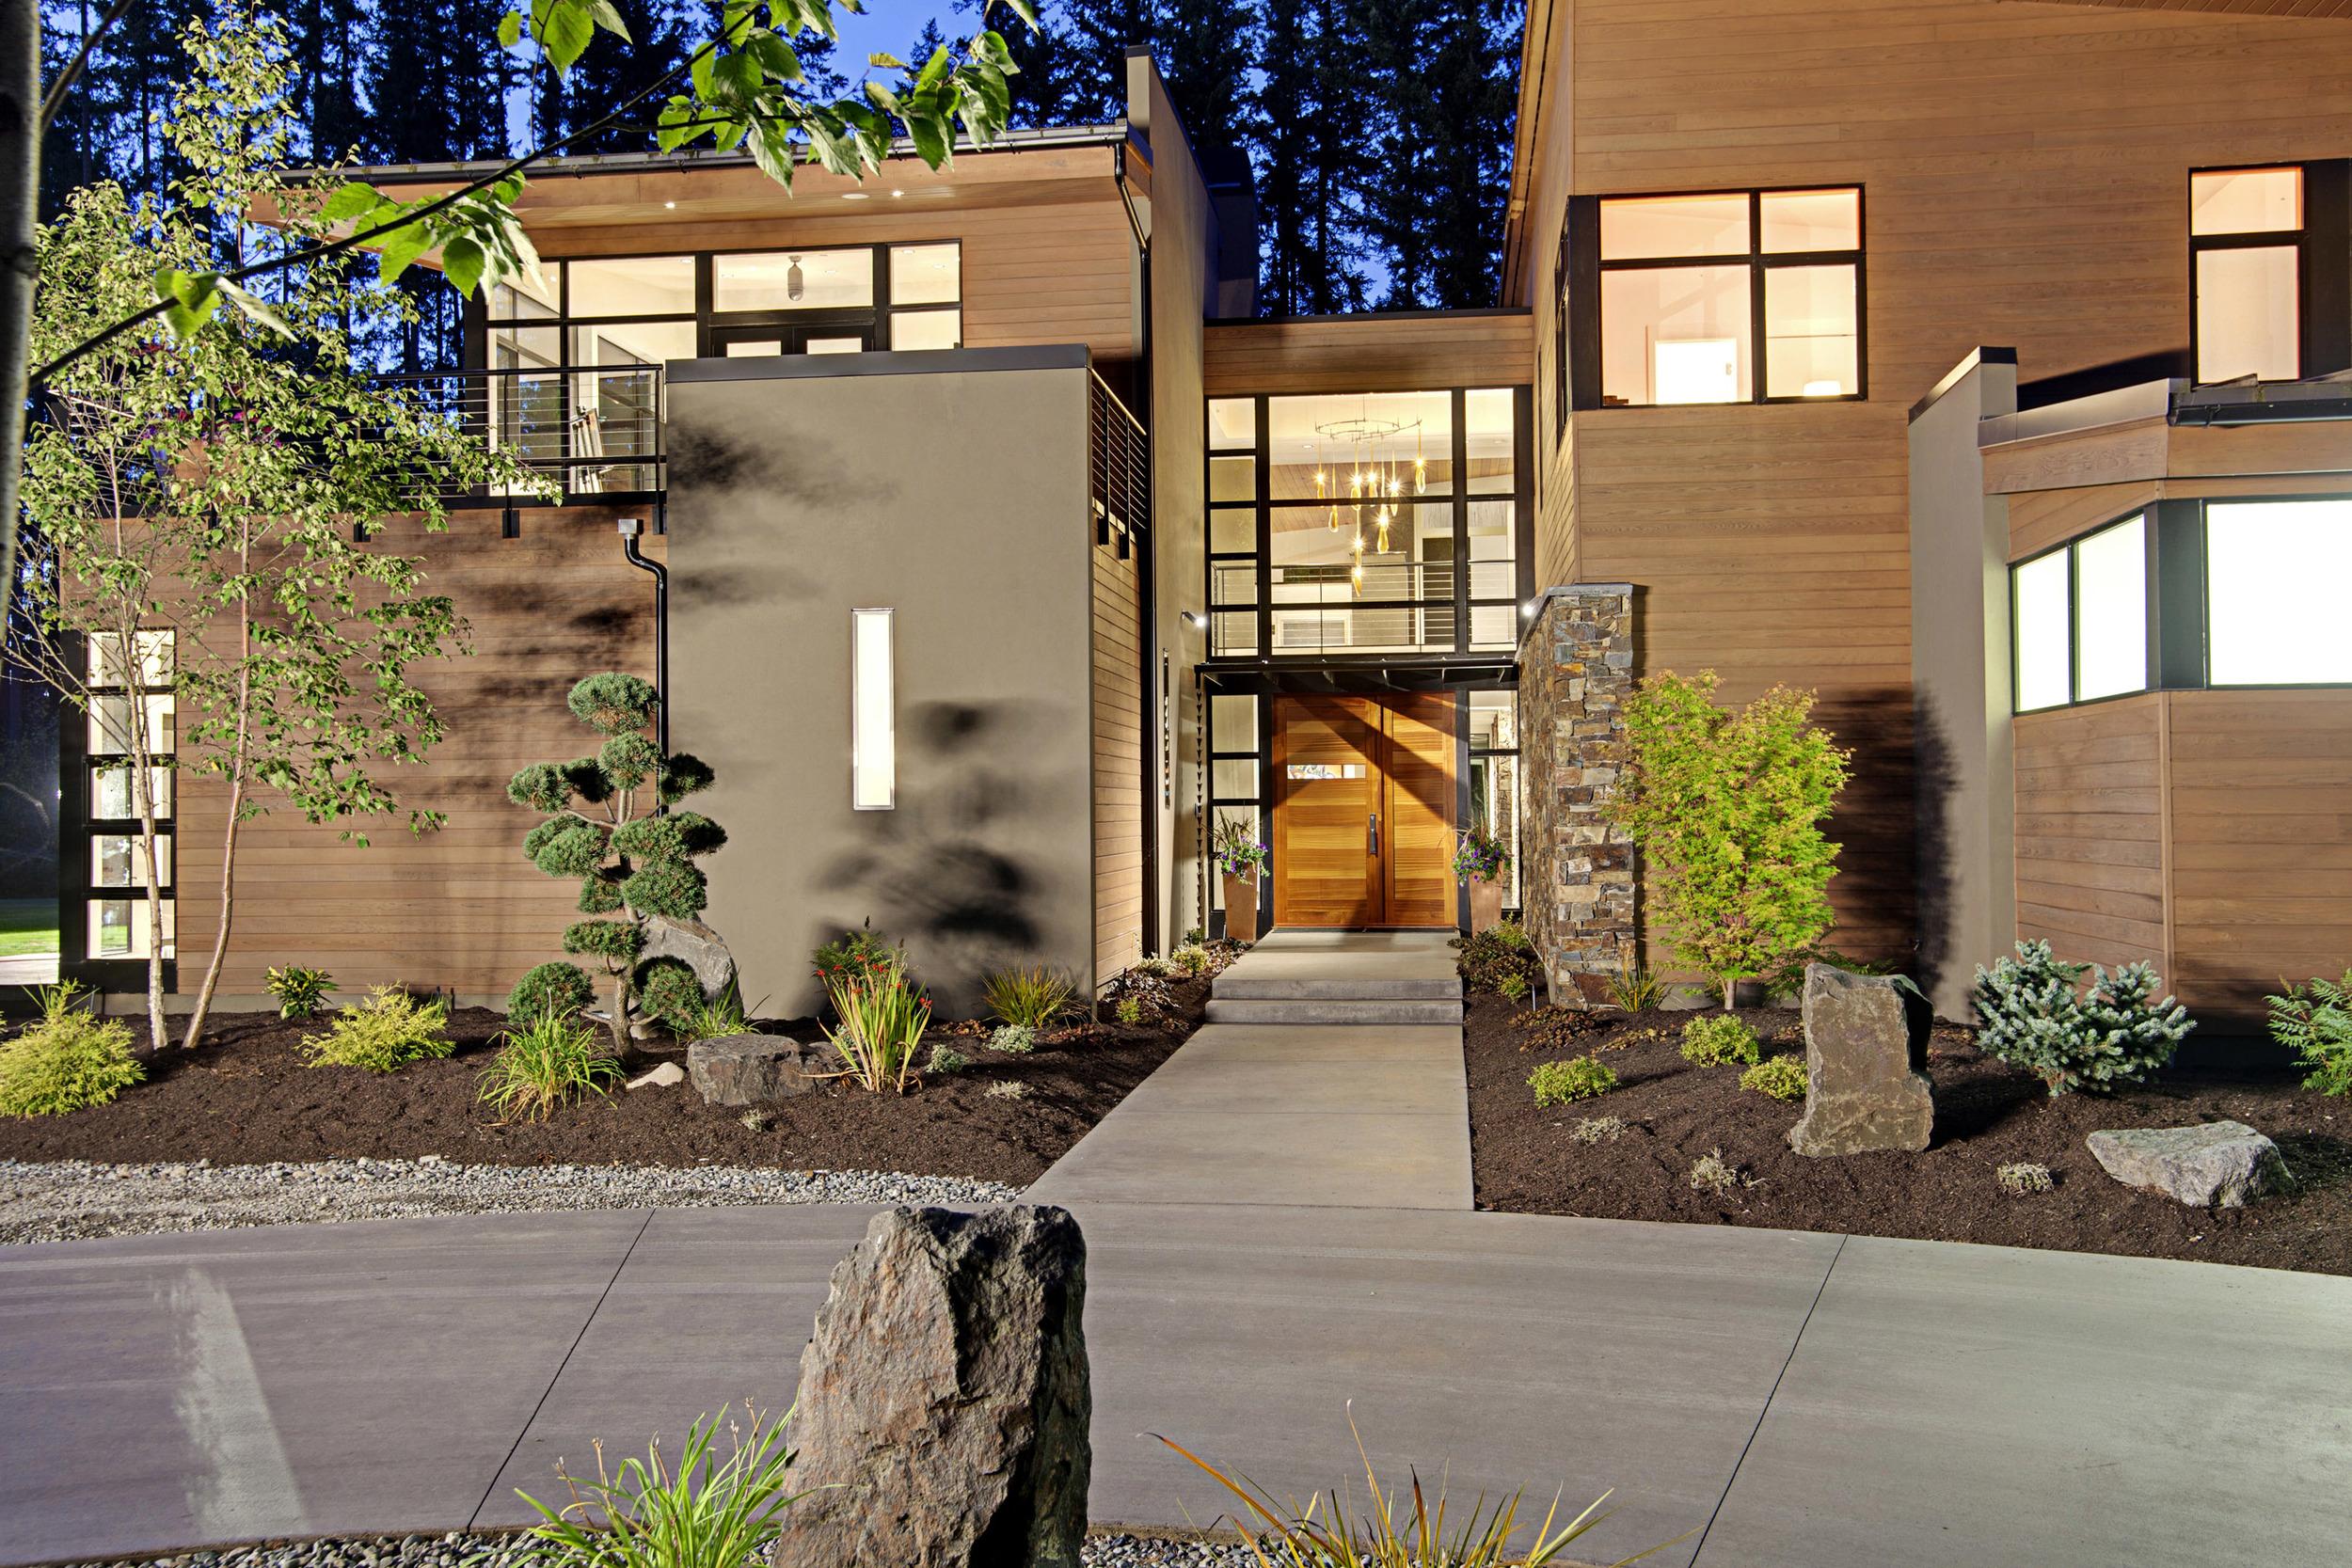 residential_forest-11.jpg